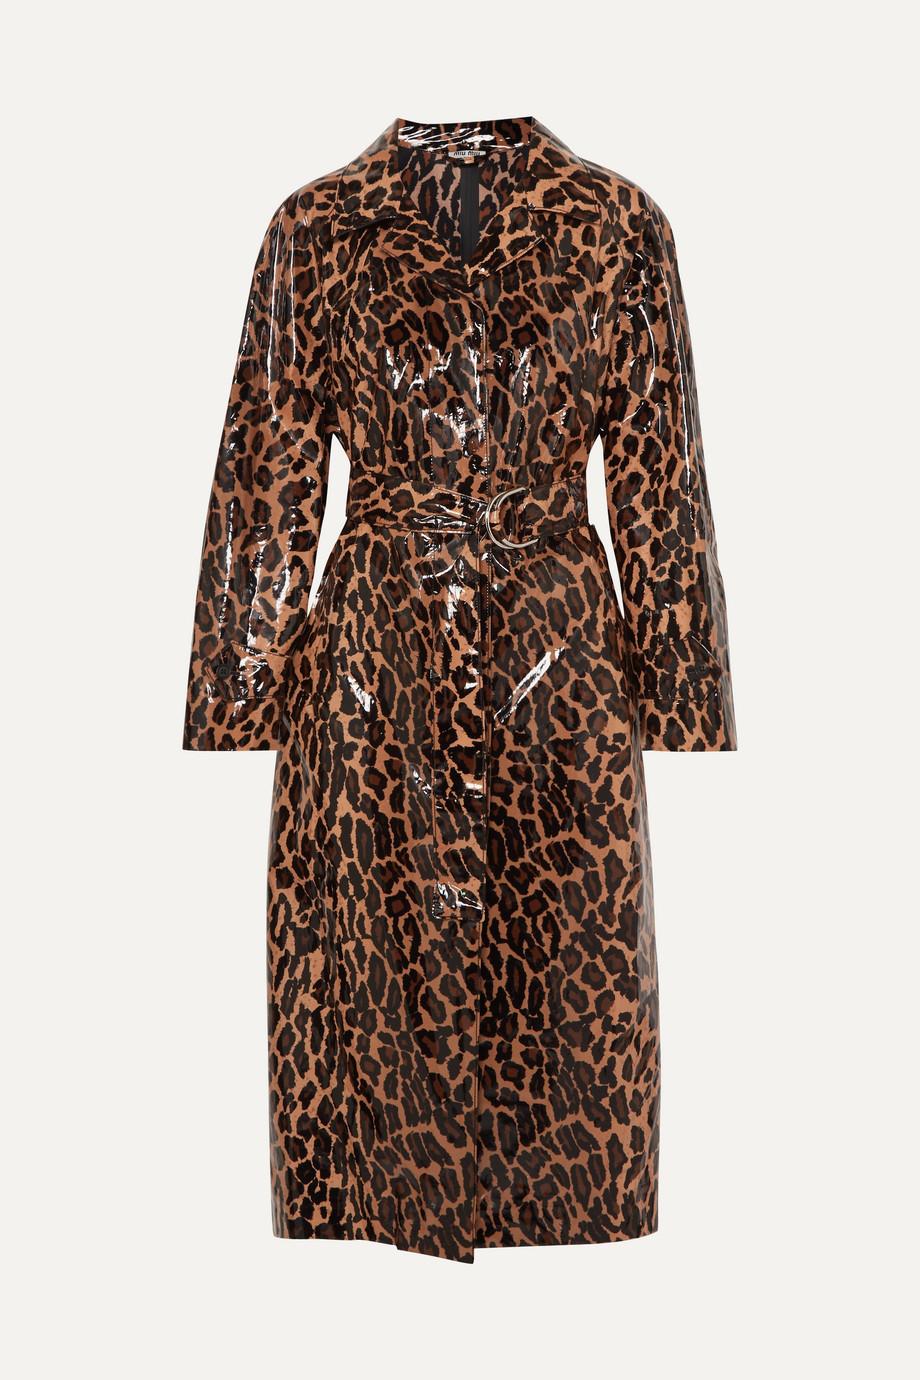 Miu Miu Belted leopard-print glossed-PU cotton trench coat